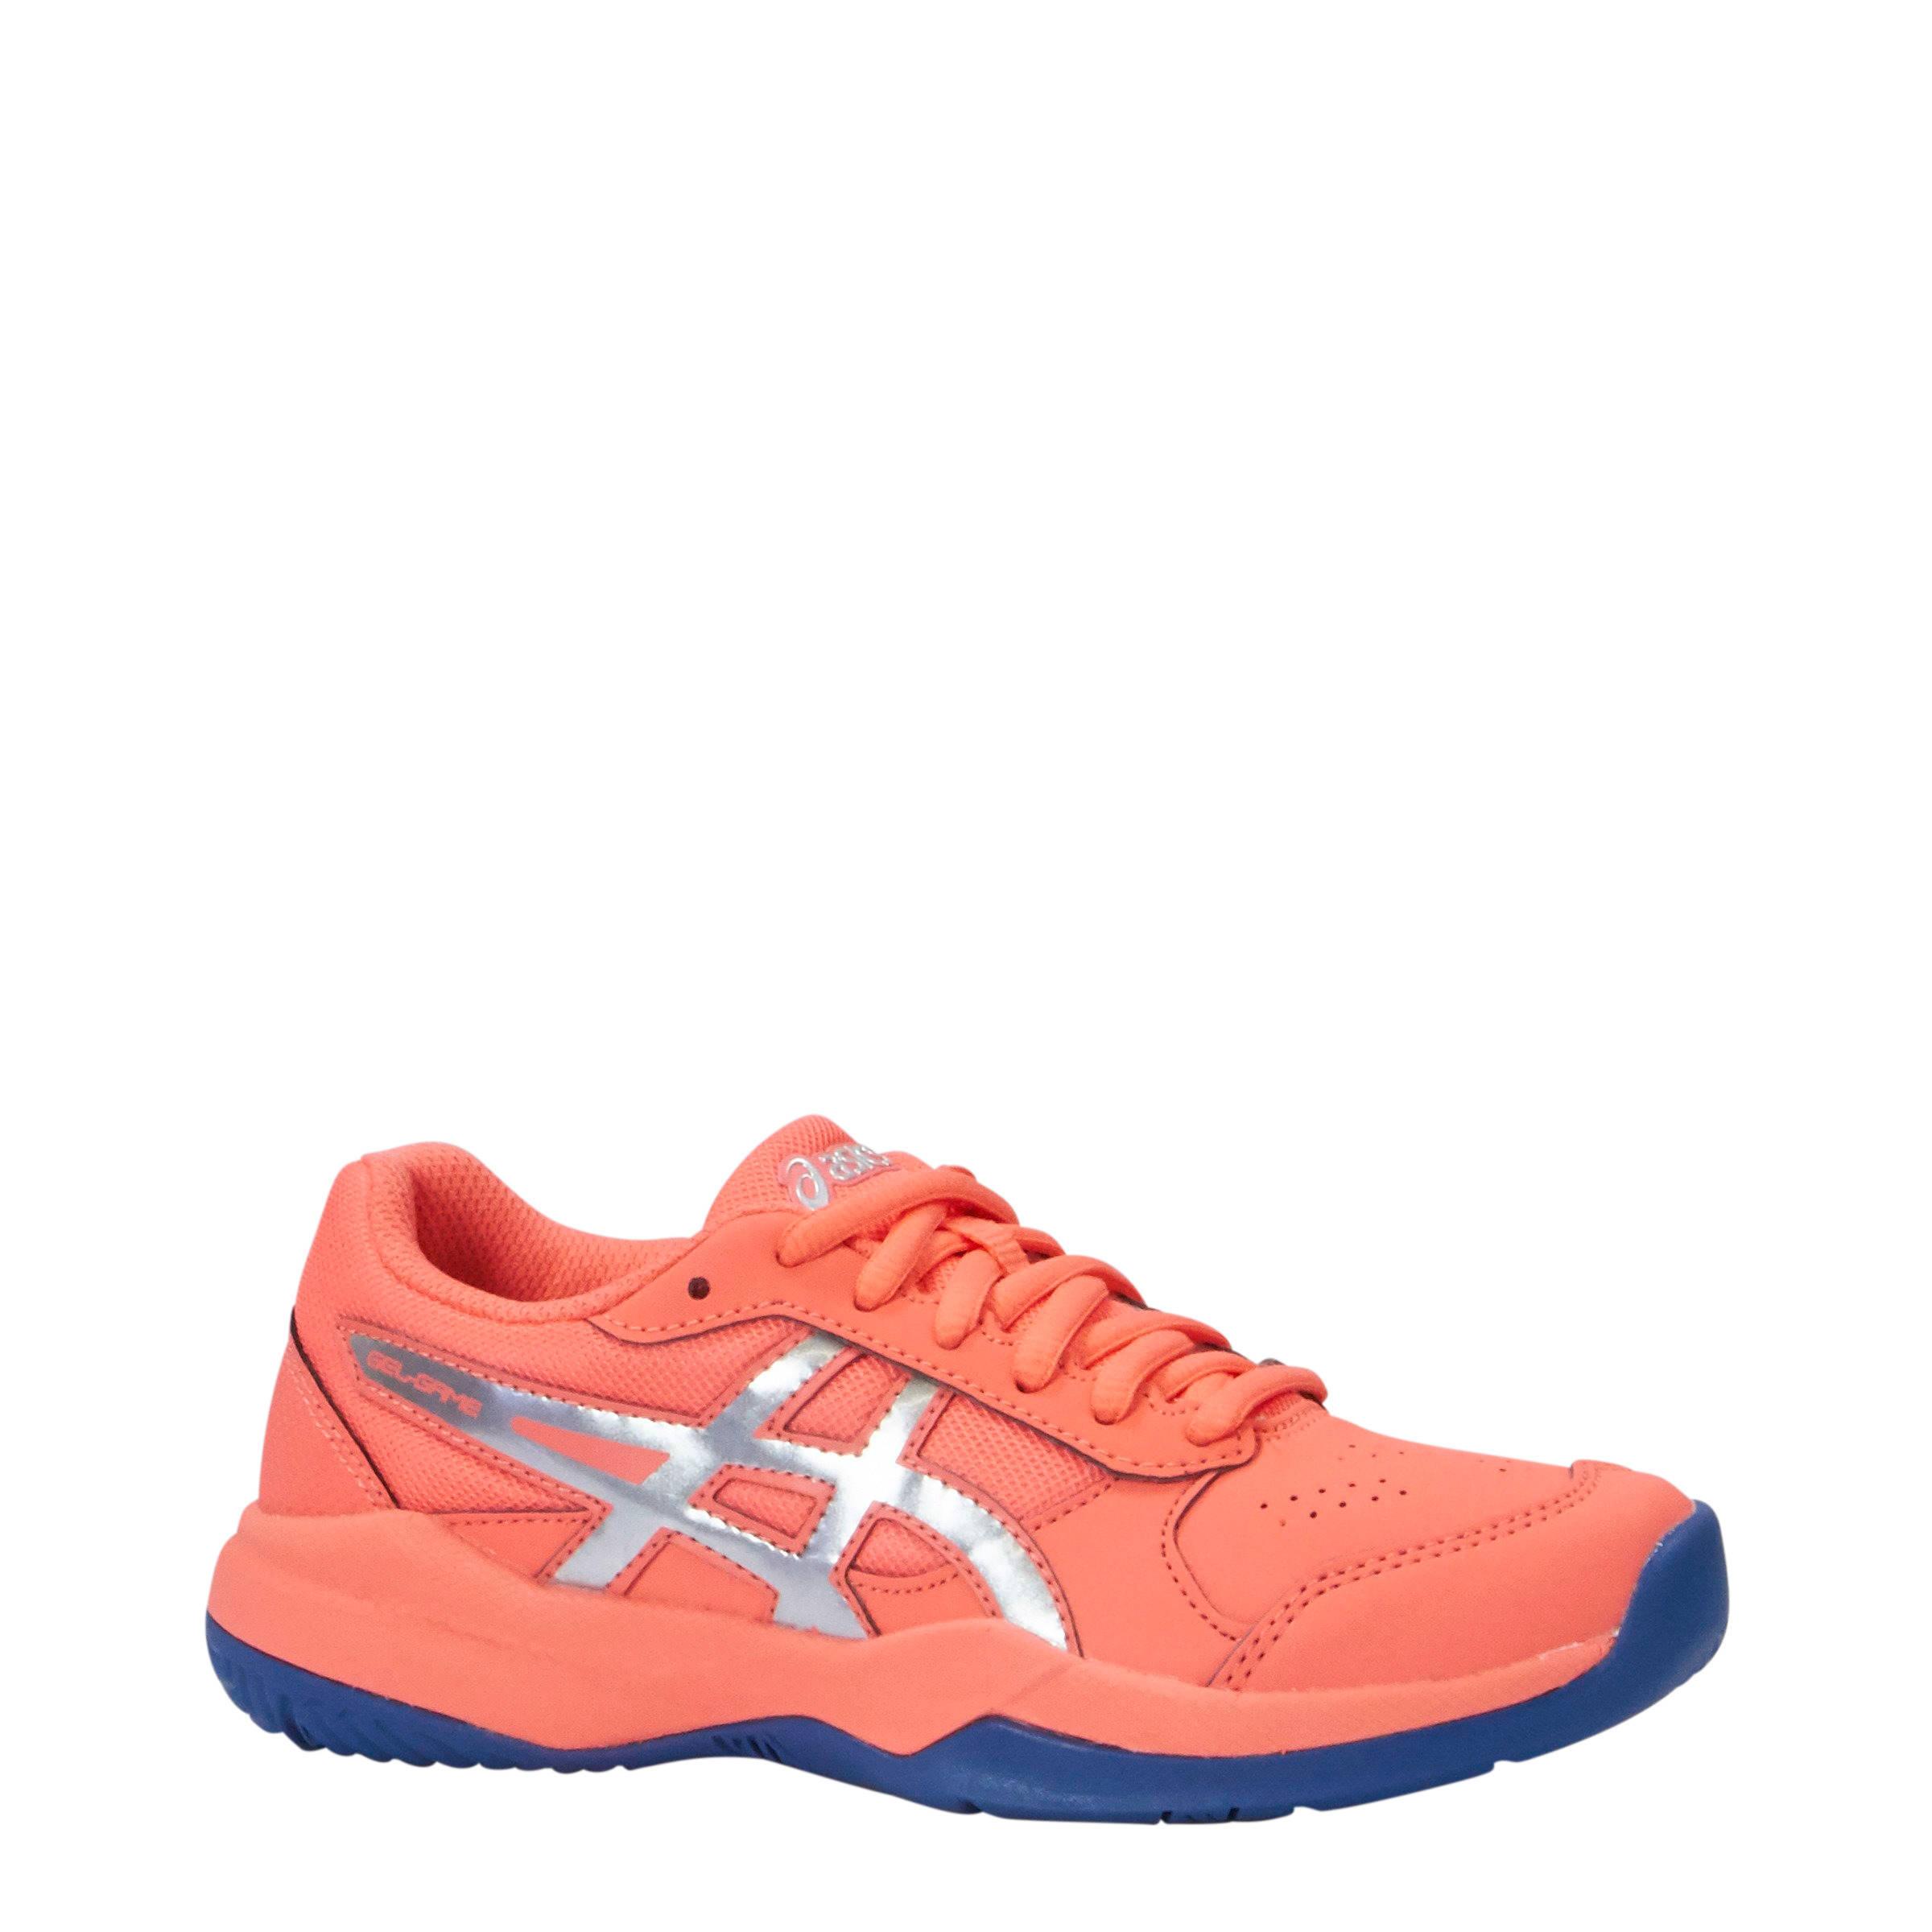 eb59a5b2739 Nieuwe collectie schoenen bij wehkamp - Gratis bezorging vanaf 20.-